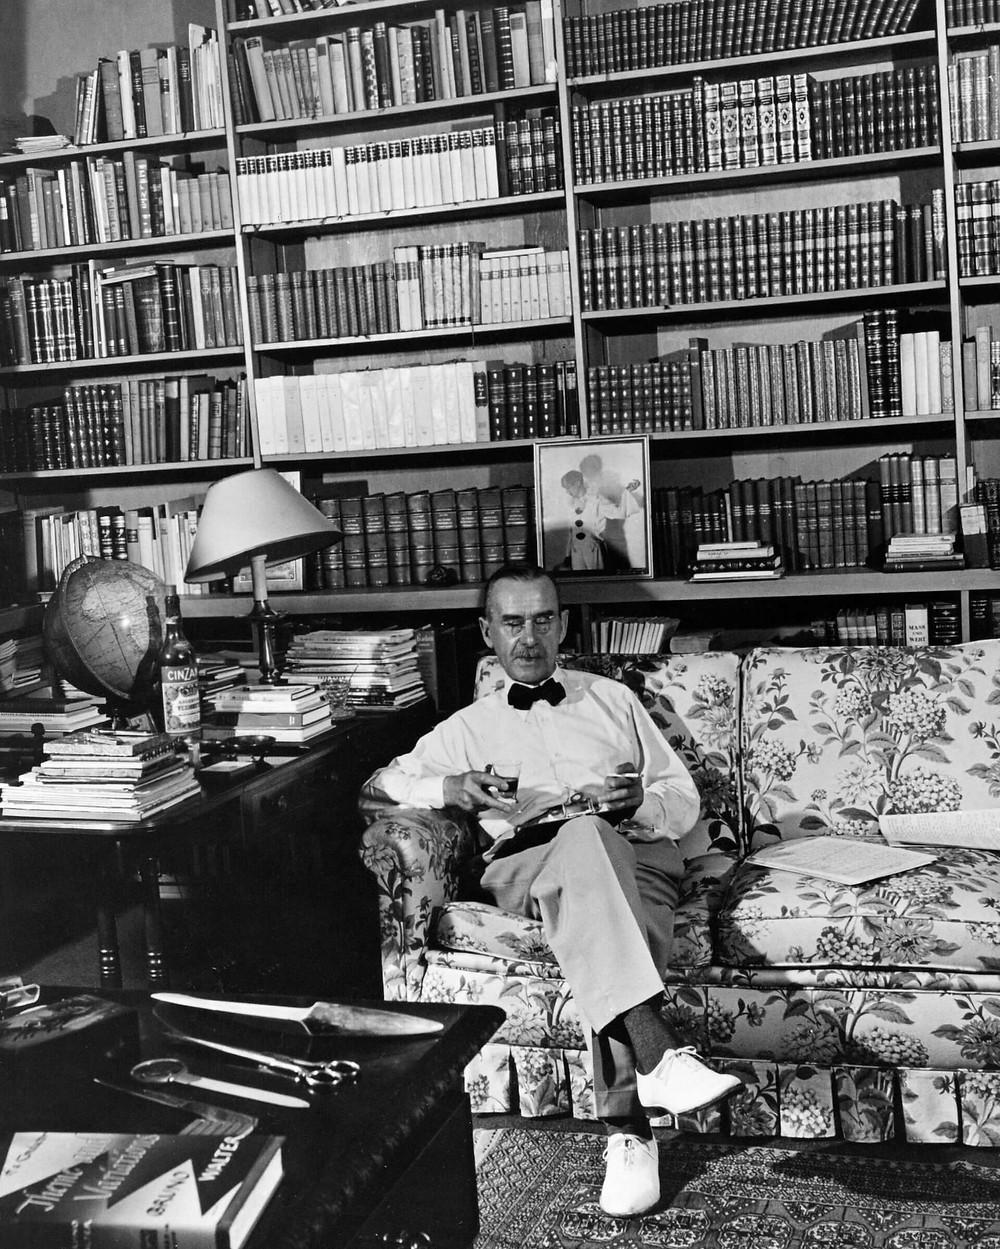 Thomas Mann, image courtesy of Flashbak